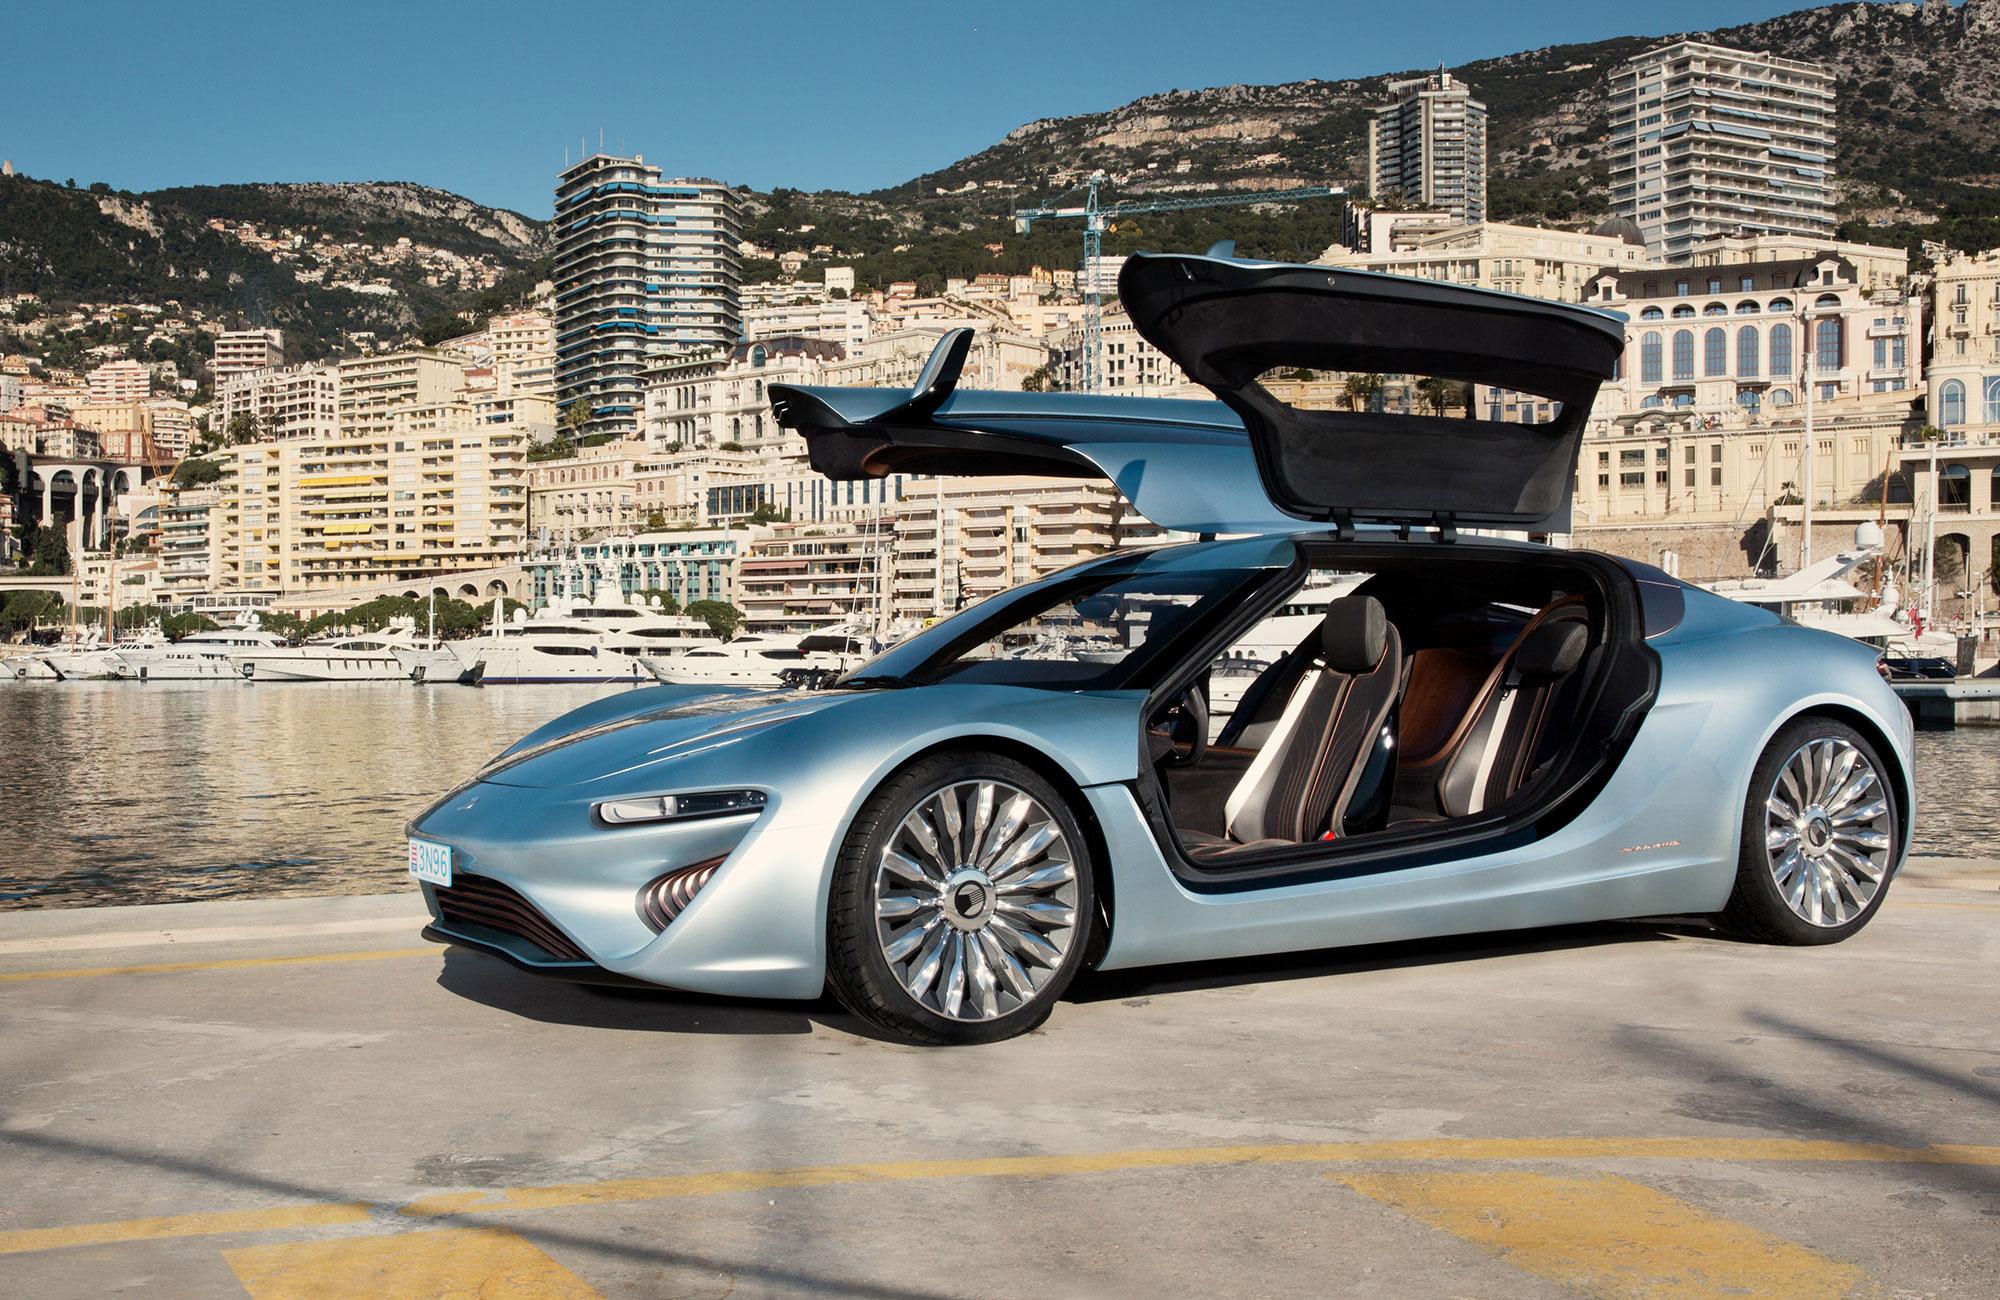 Concept car Quant e-sportlimousine